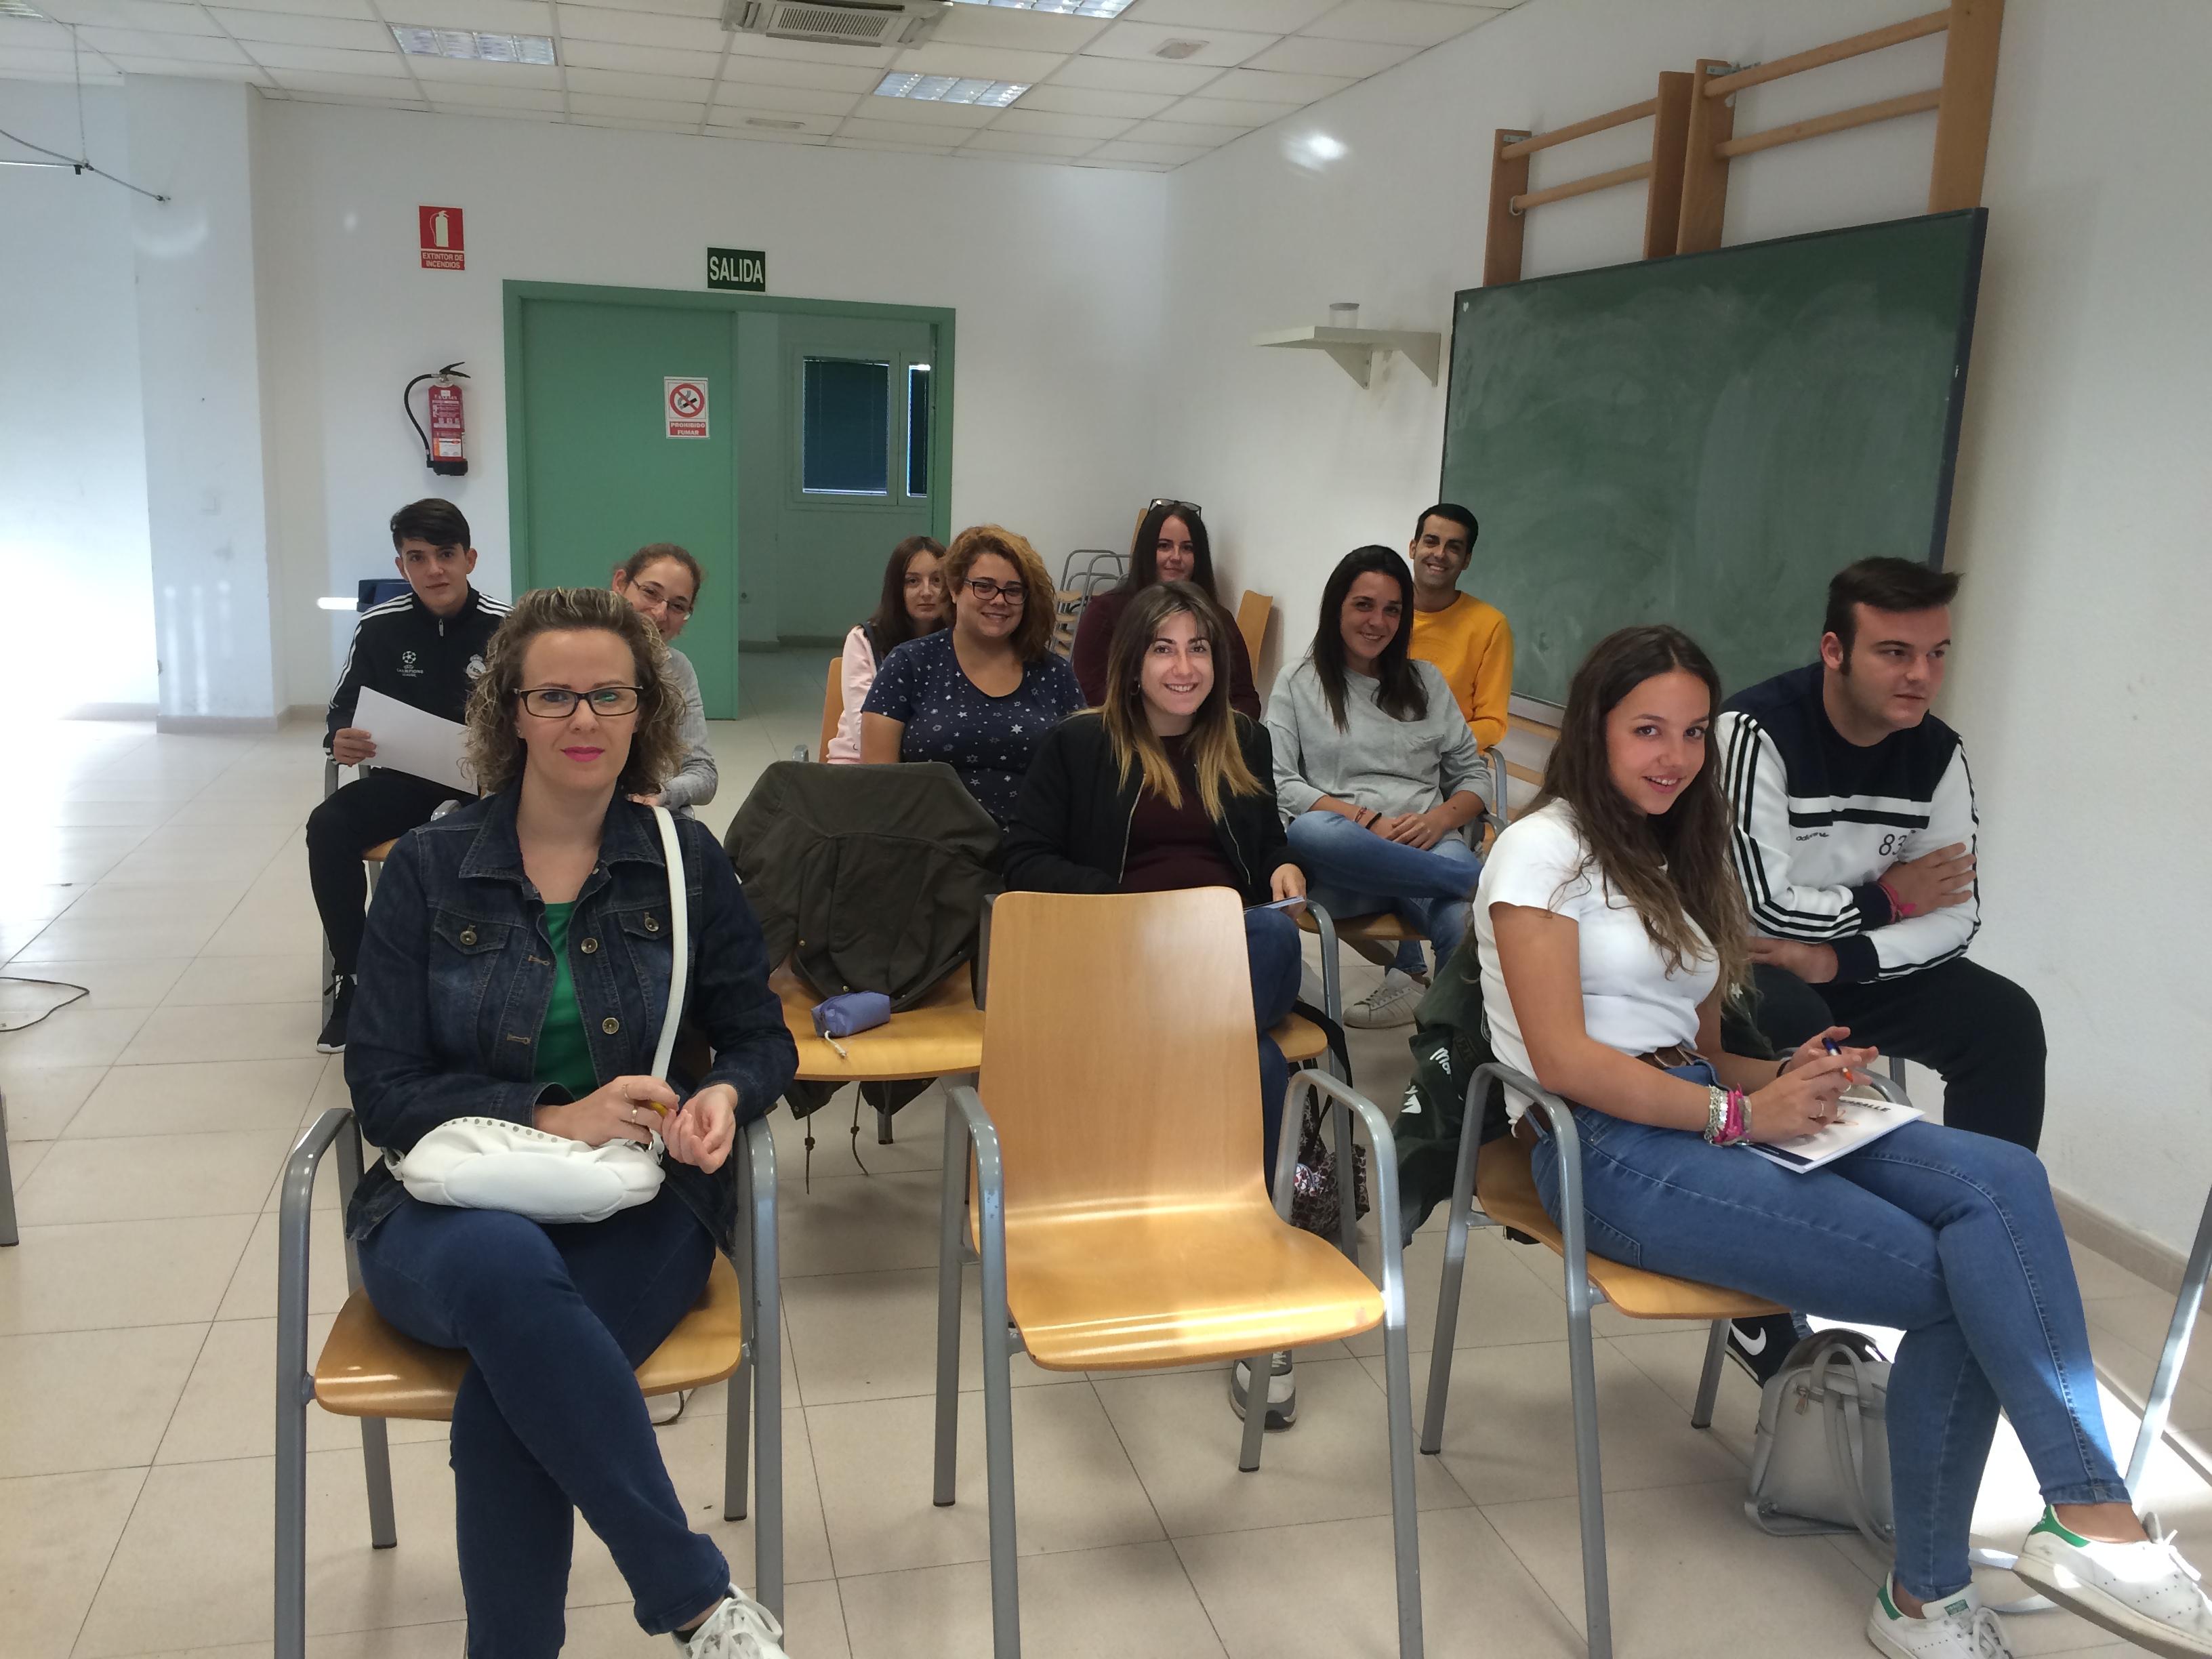 Comienza el curso de monitor de comedor escolar en valdilecha for Monitor de comedor escolar